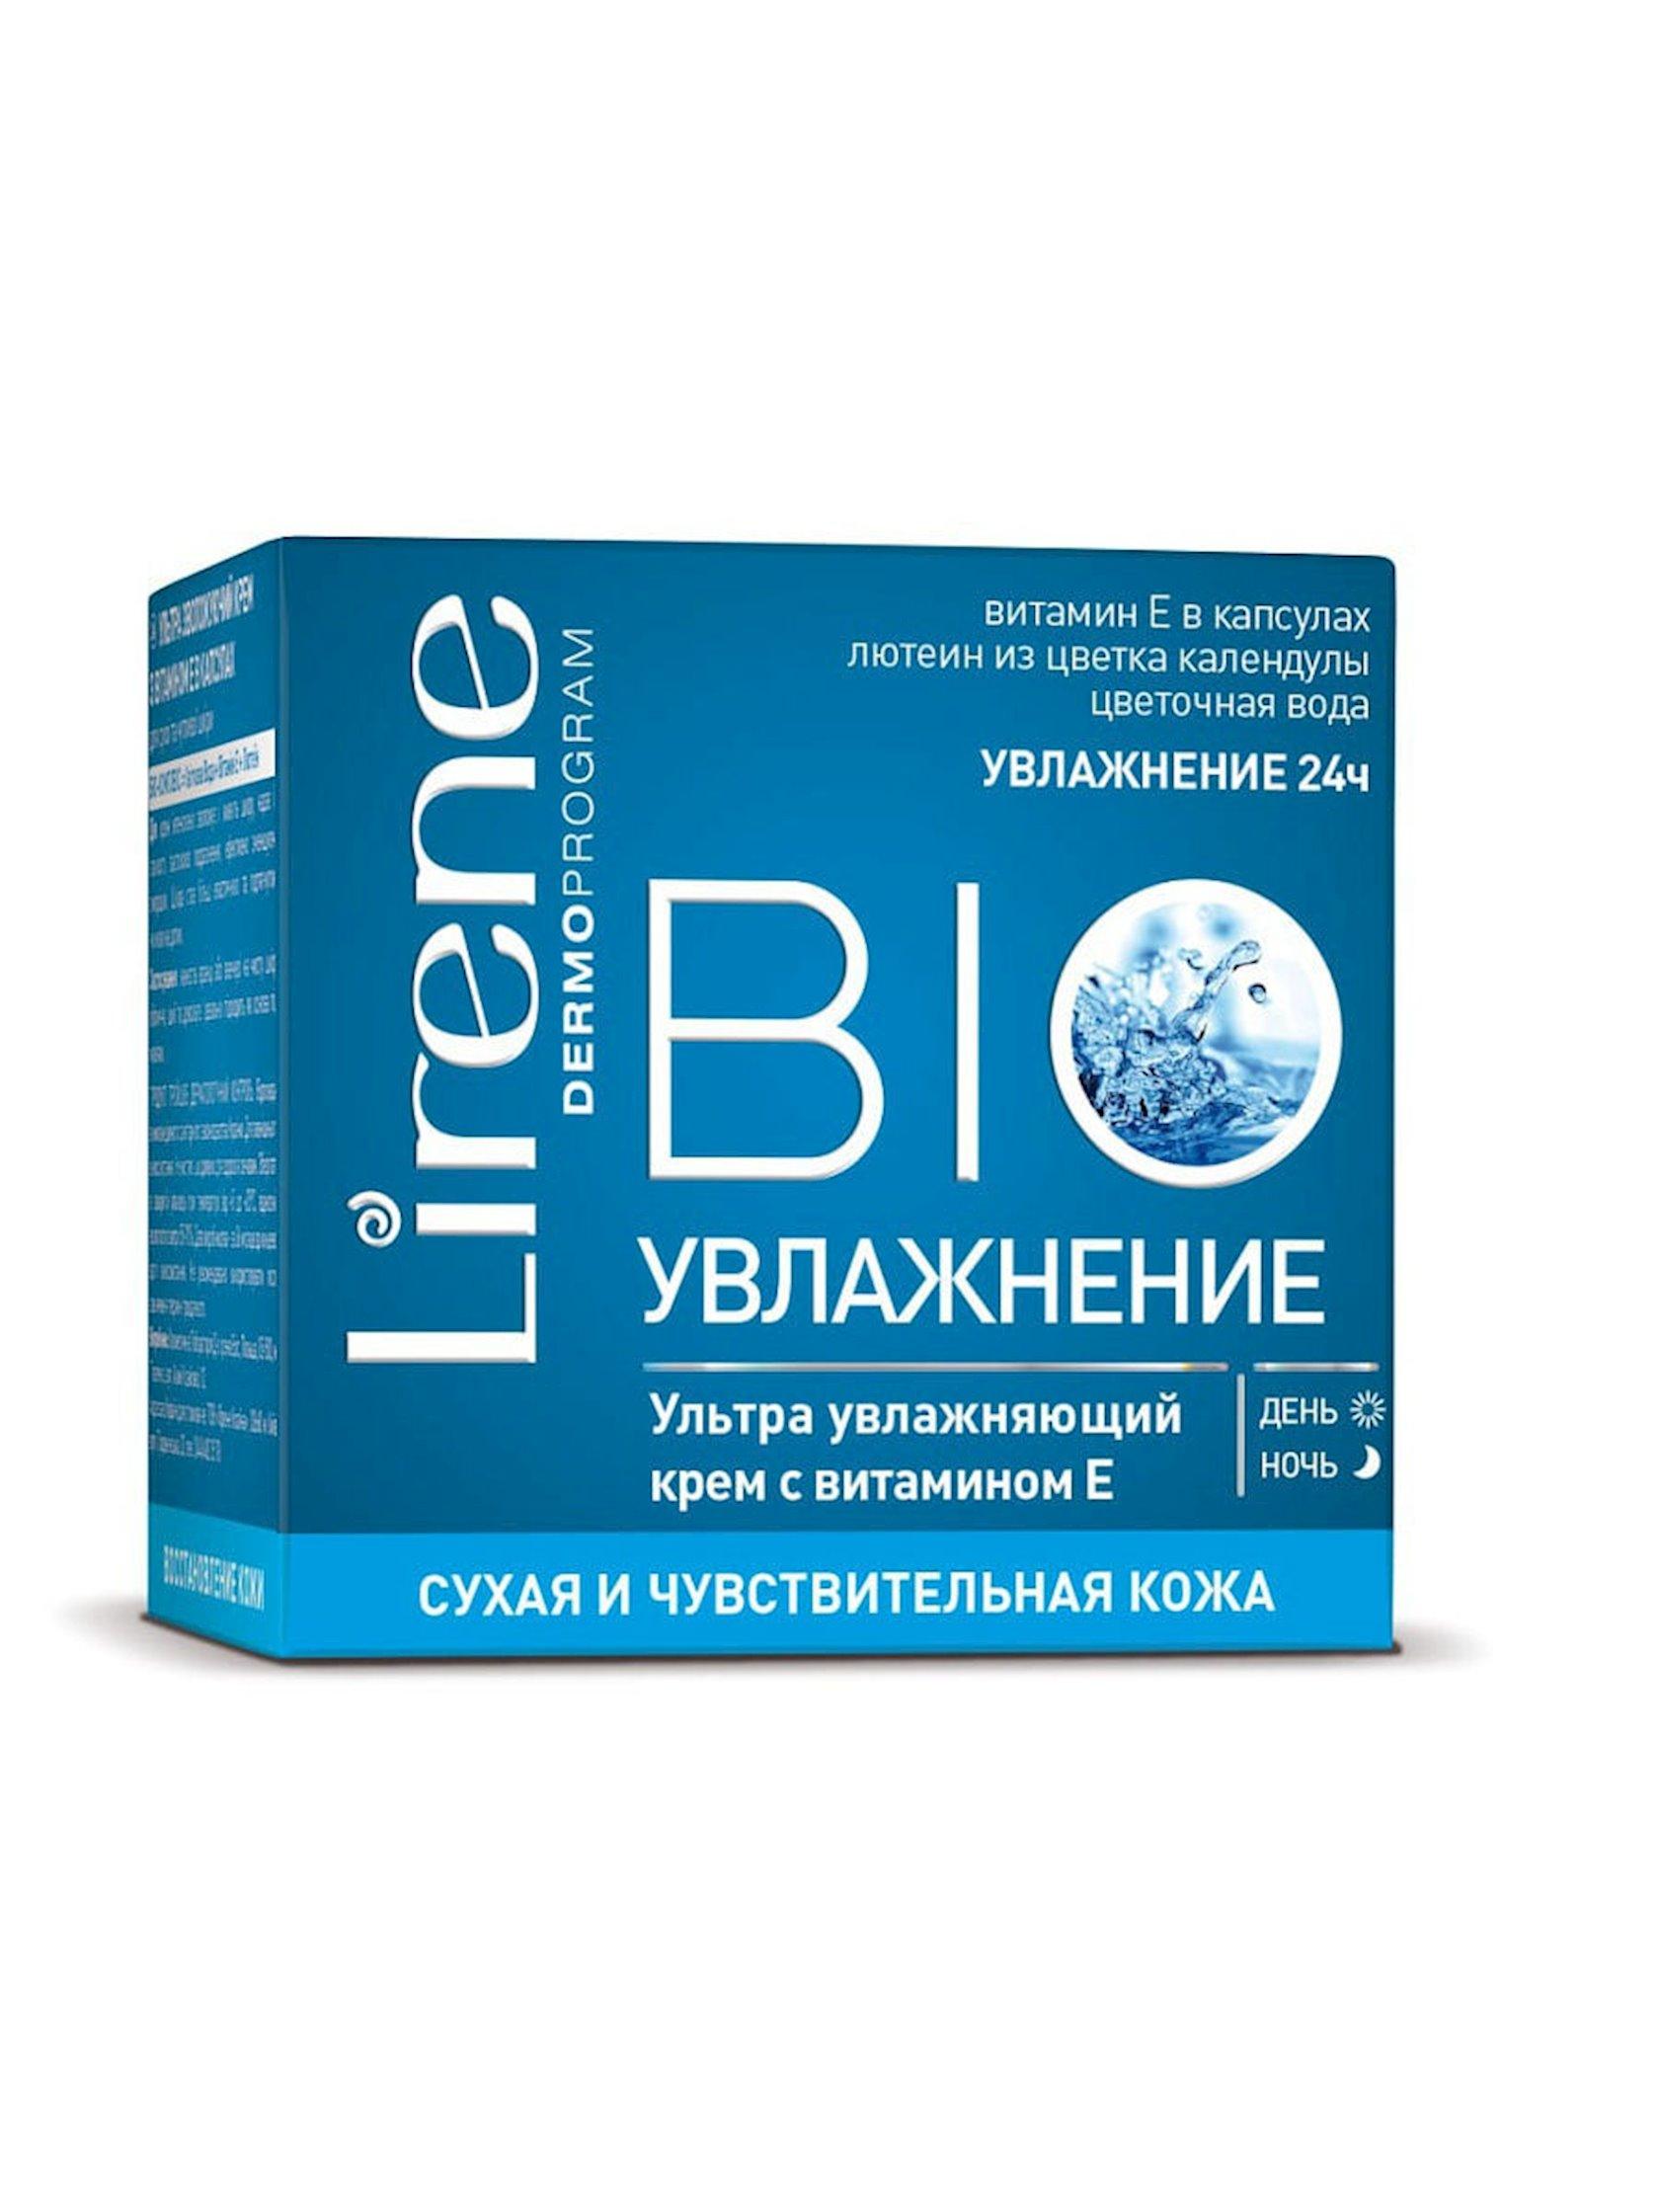 Nəmləndirici krem Lirene Bio quru və həssas dəri üçün 50 ml